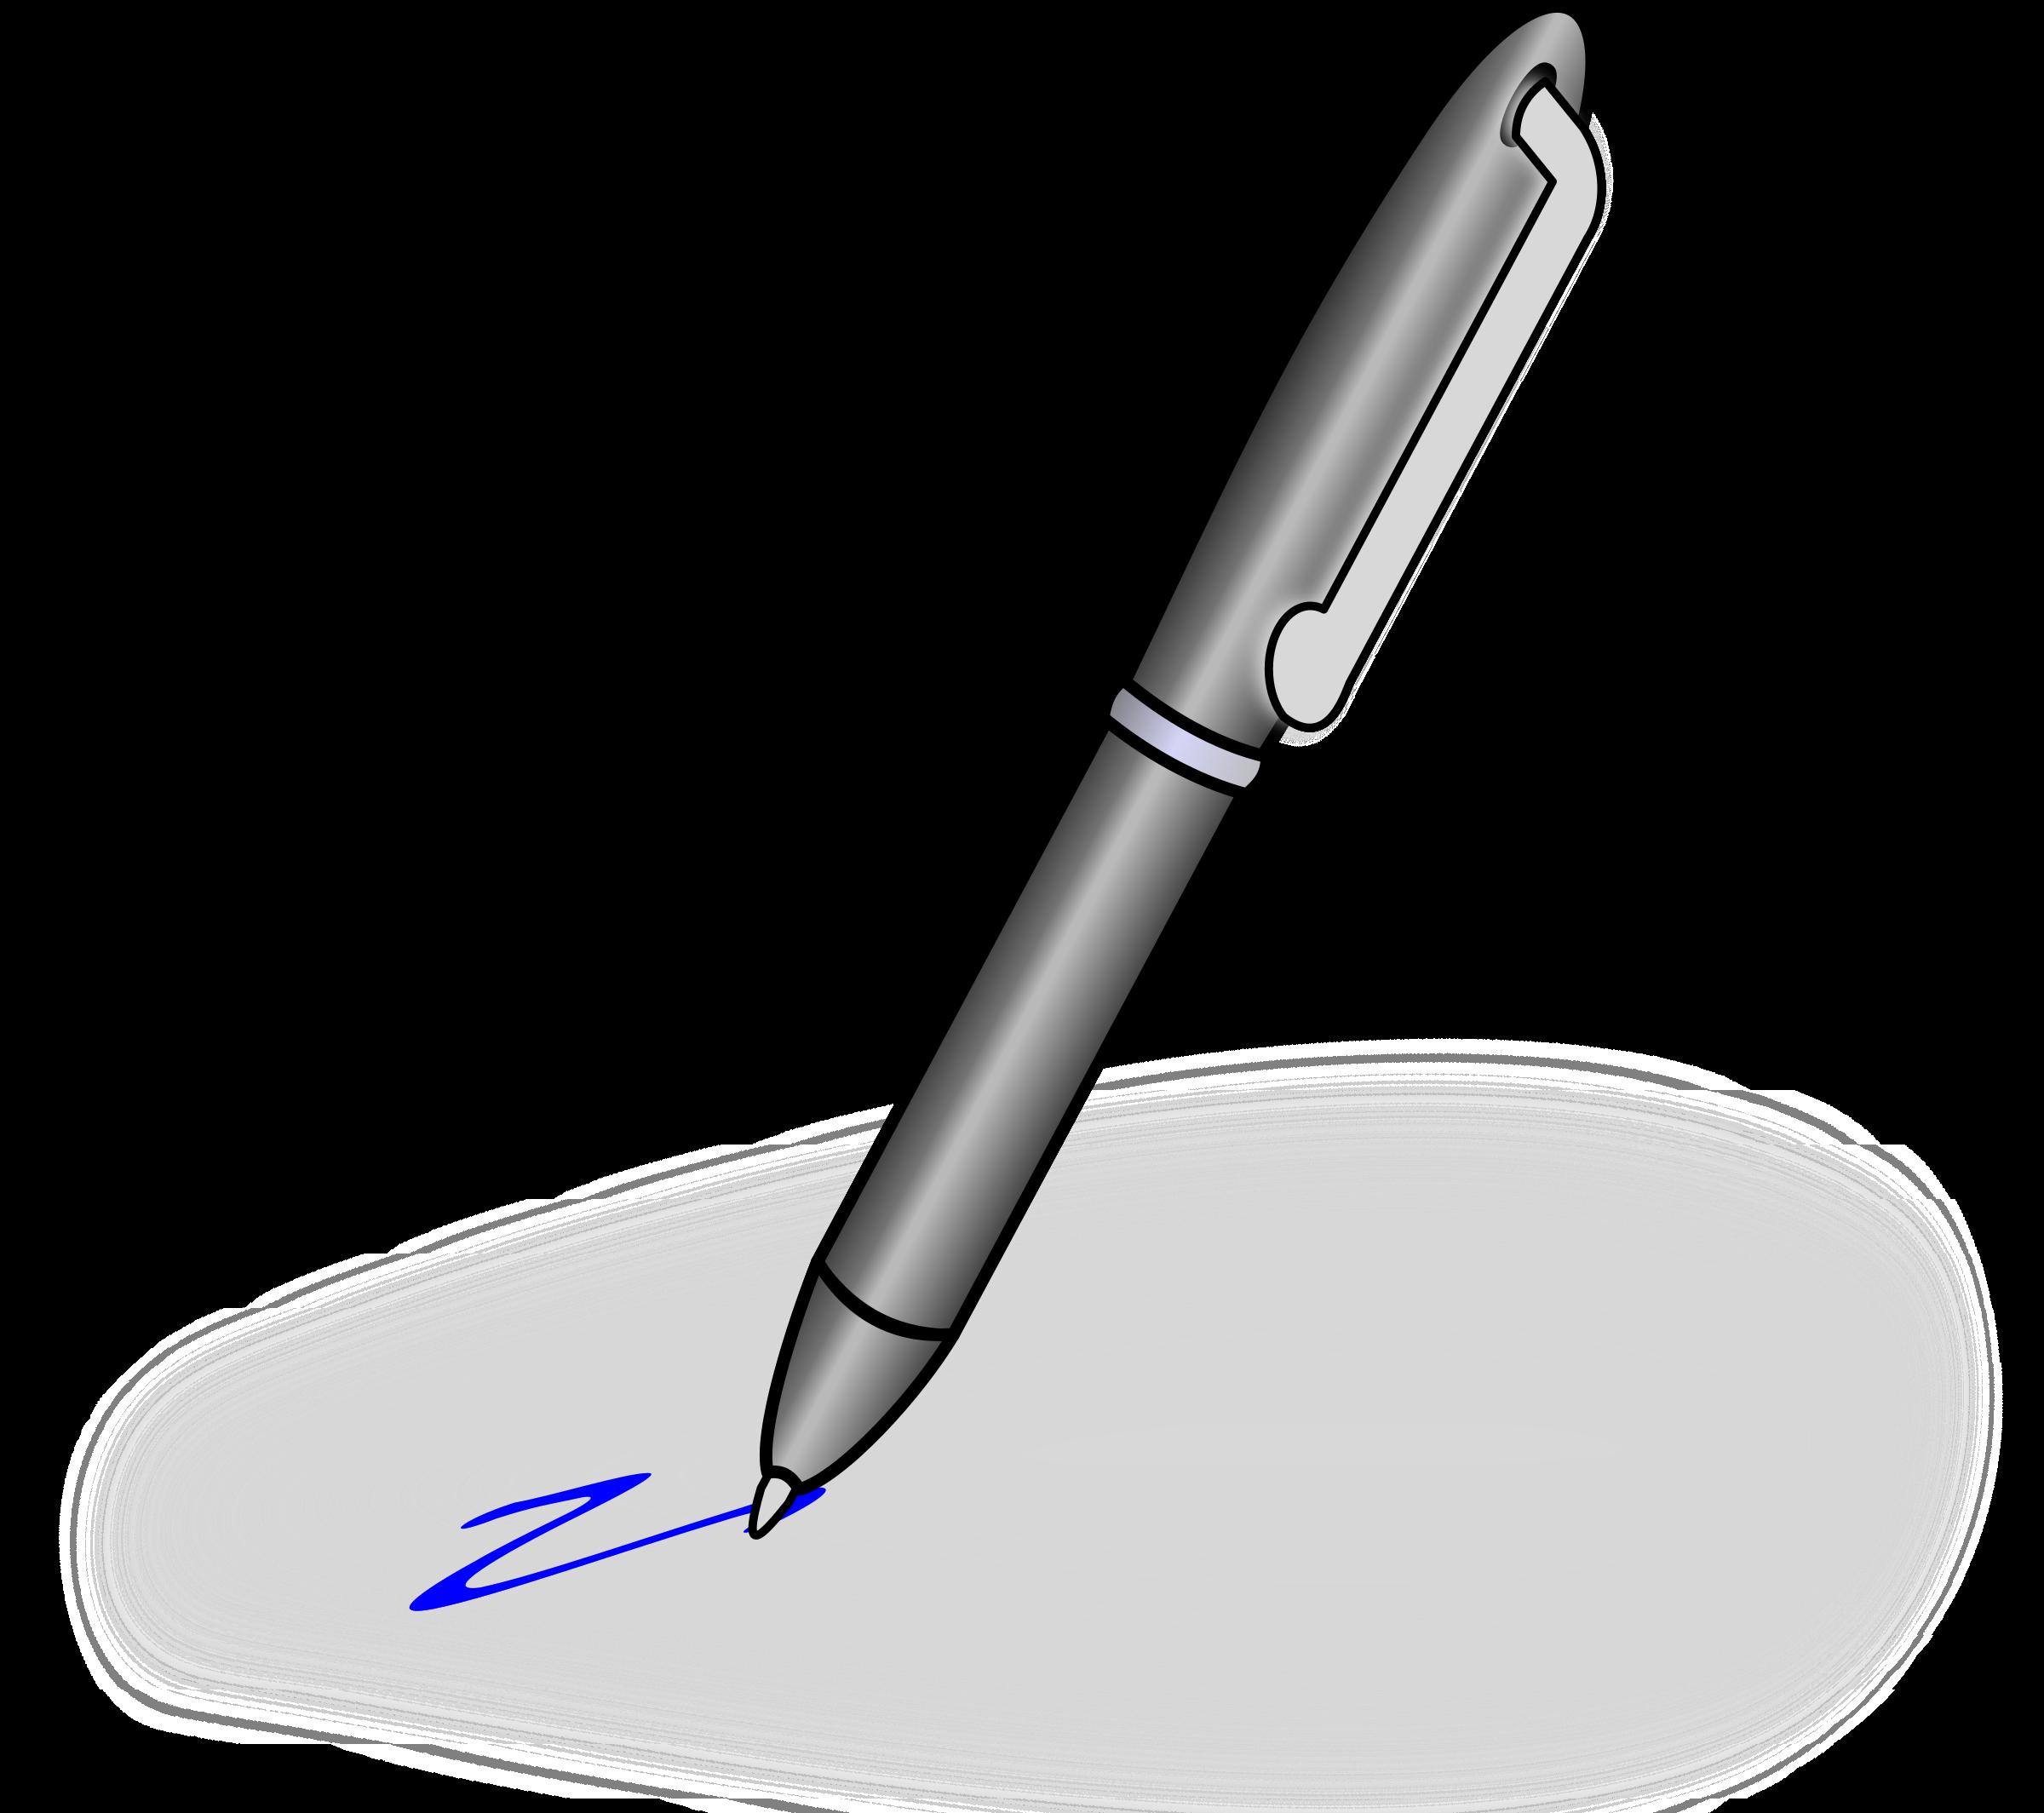 . Clipart images pen